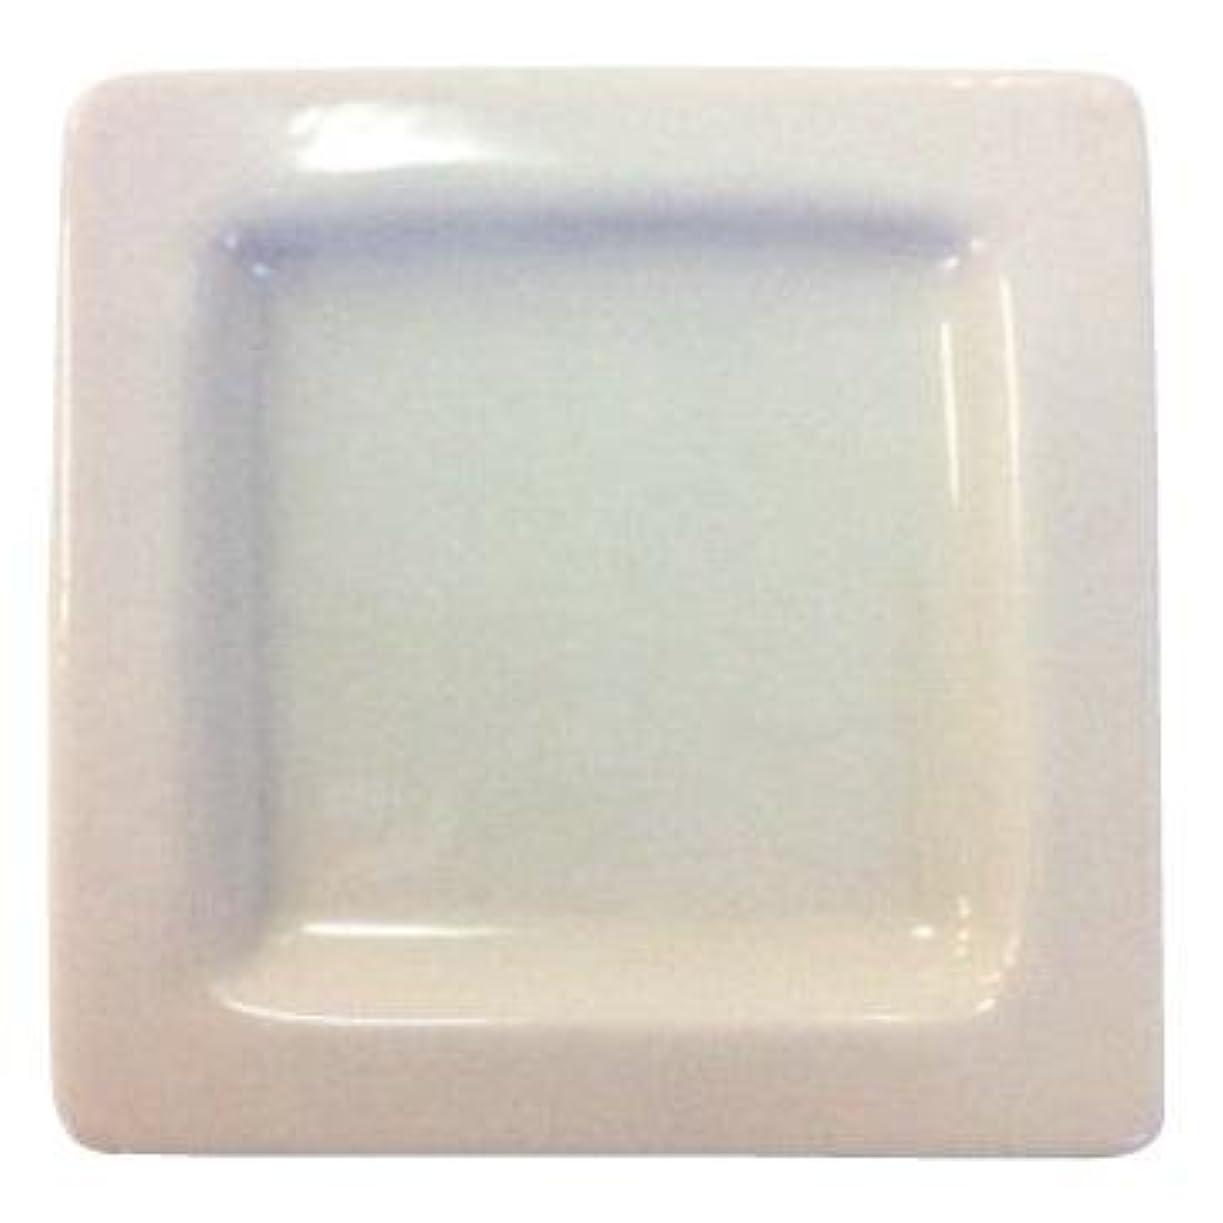 施しゴシップ錫生活の木 アロマランプL アイビー用精油皿(上皿)